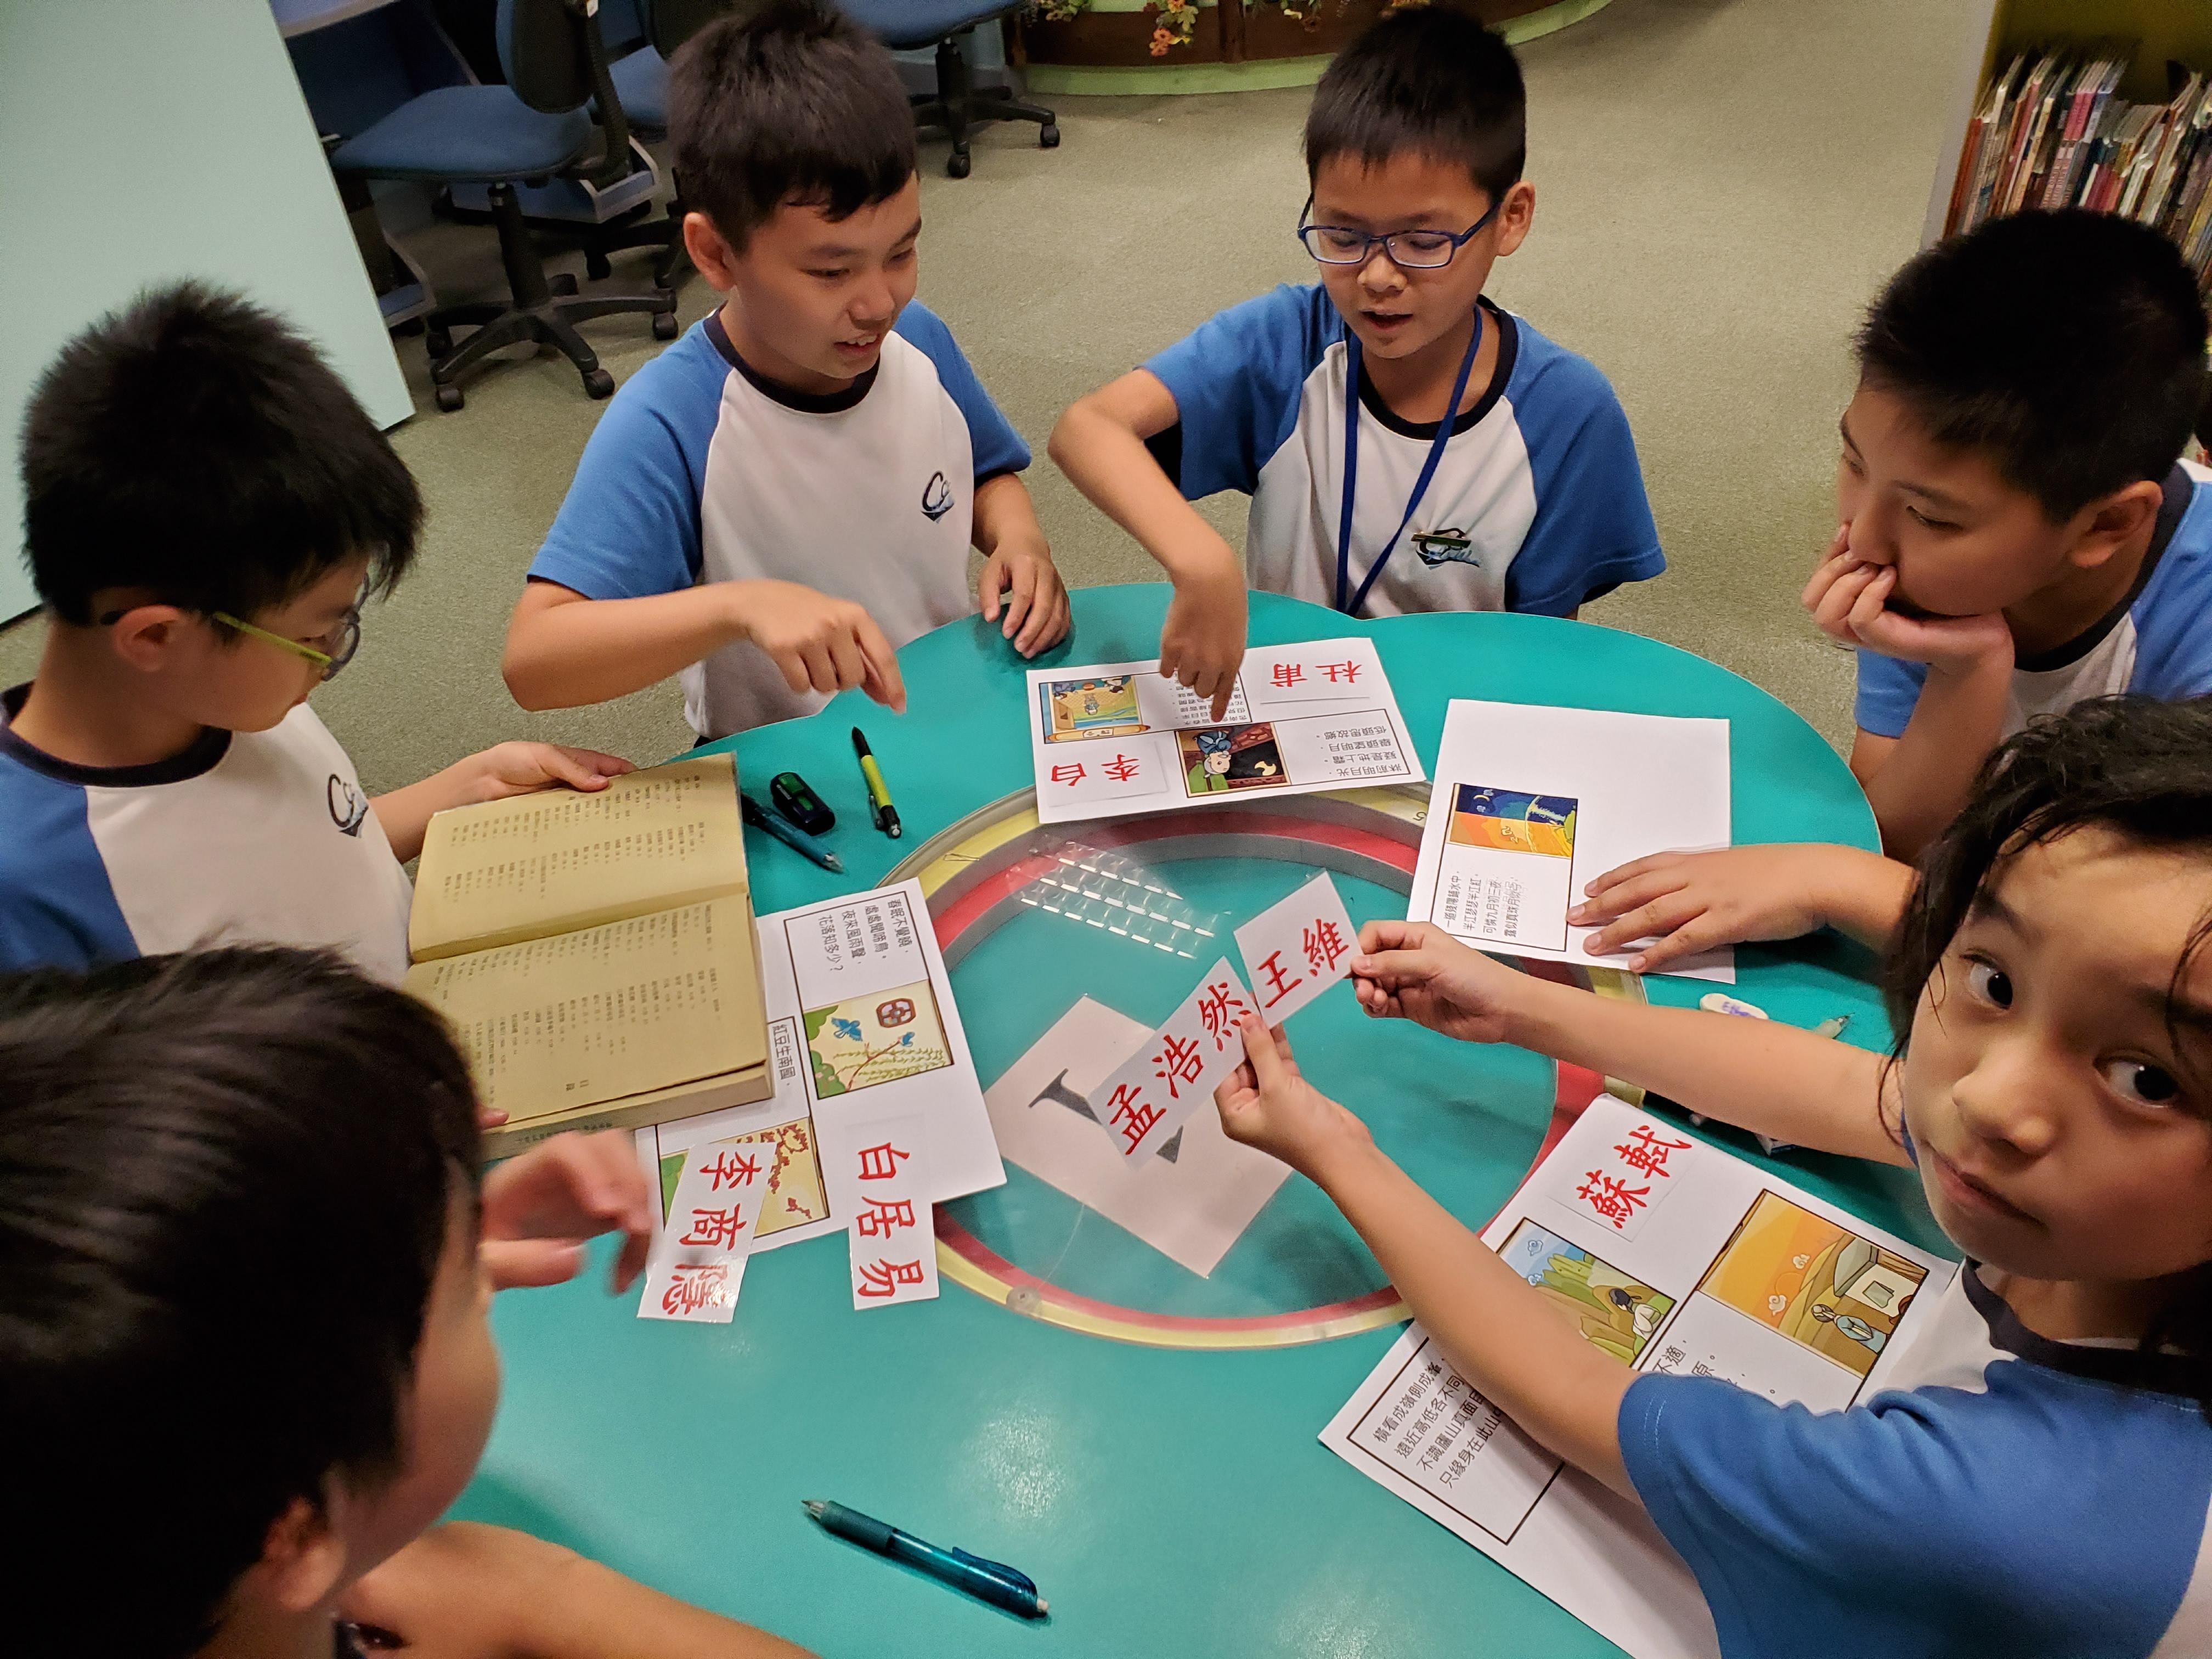 http://www.keiwan.edu.hk/sites/default/files/20191023_145957.jpg